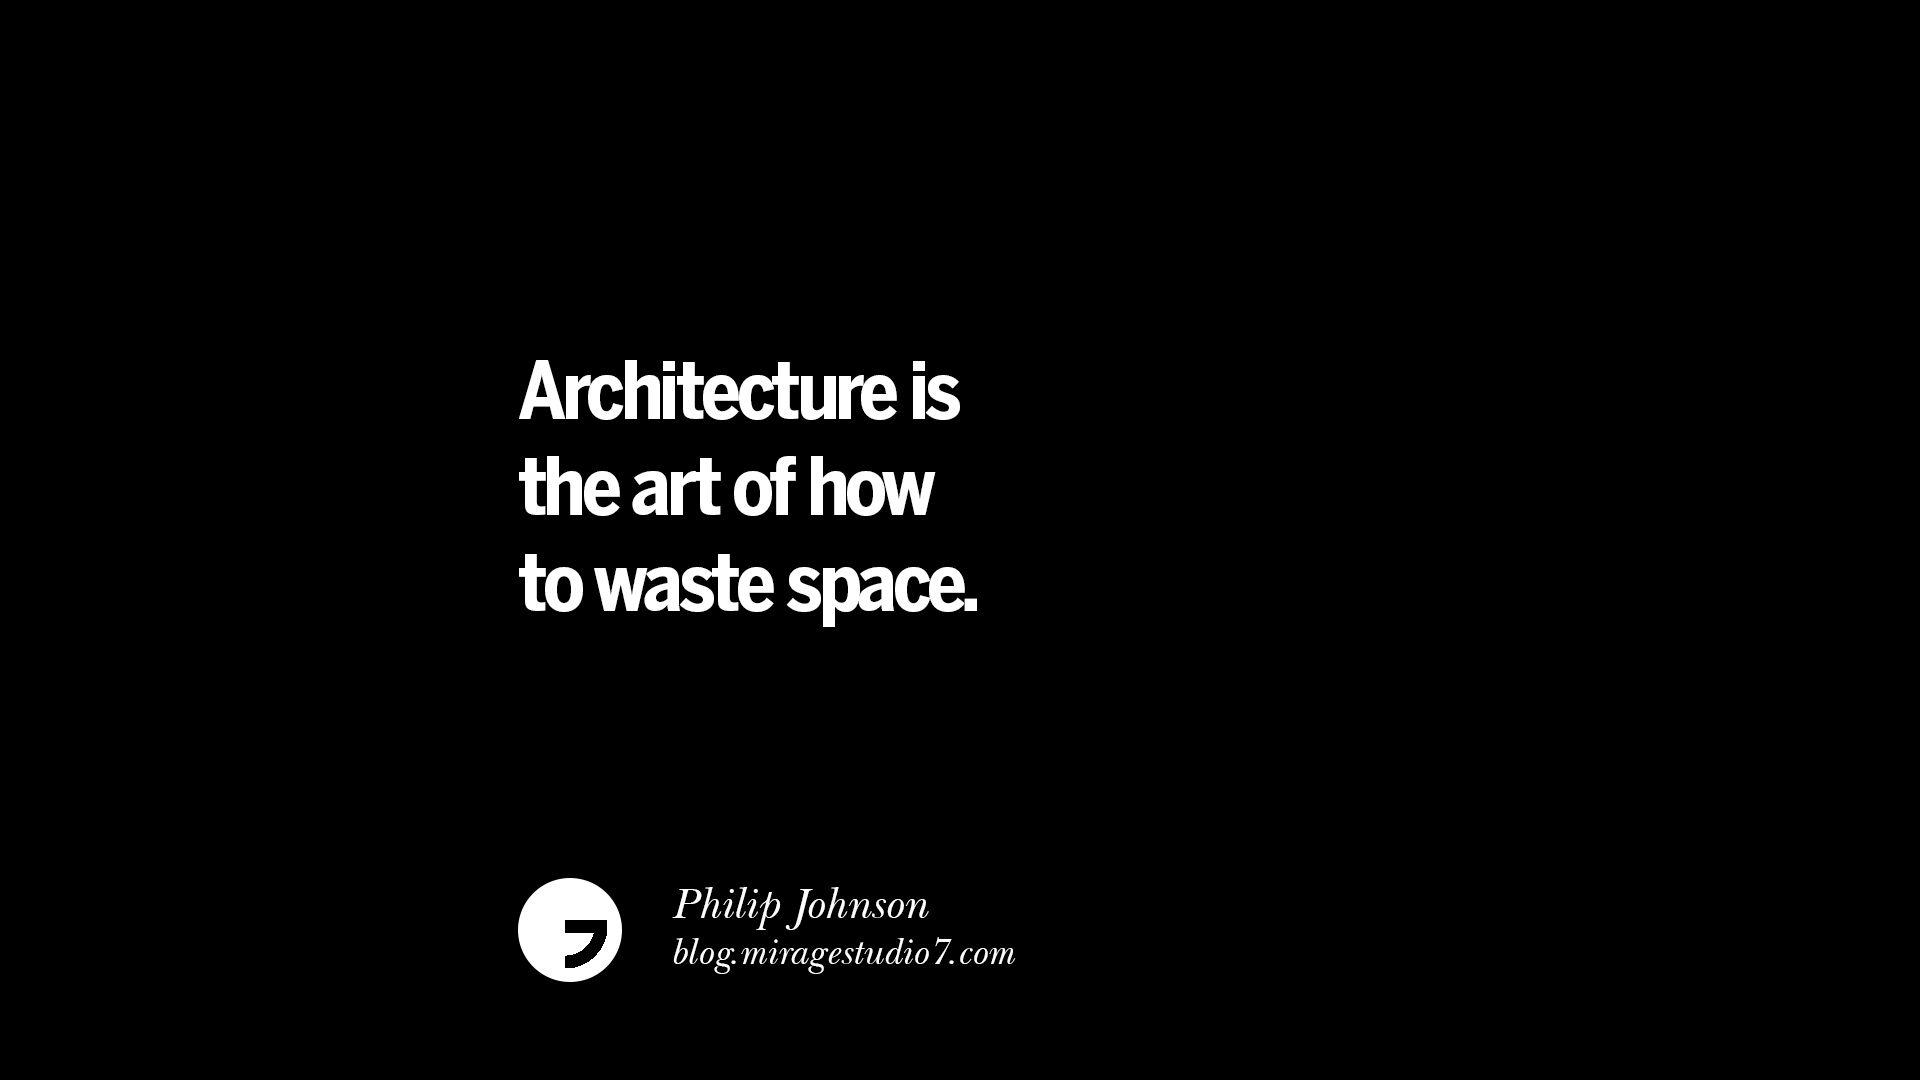 philip_johnson_2_quote